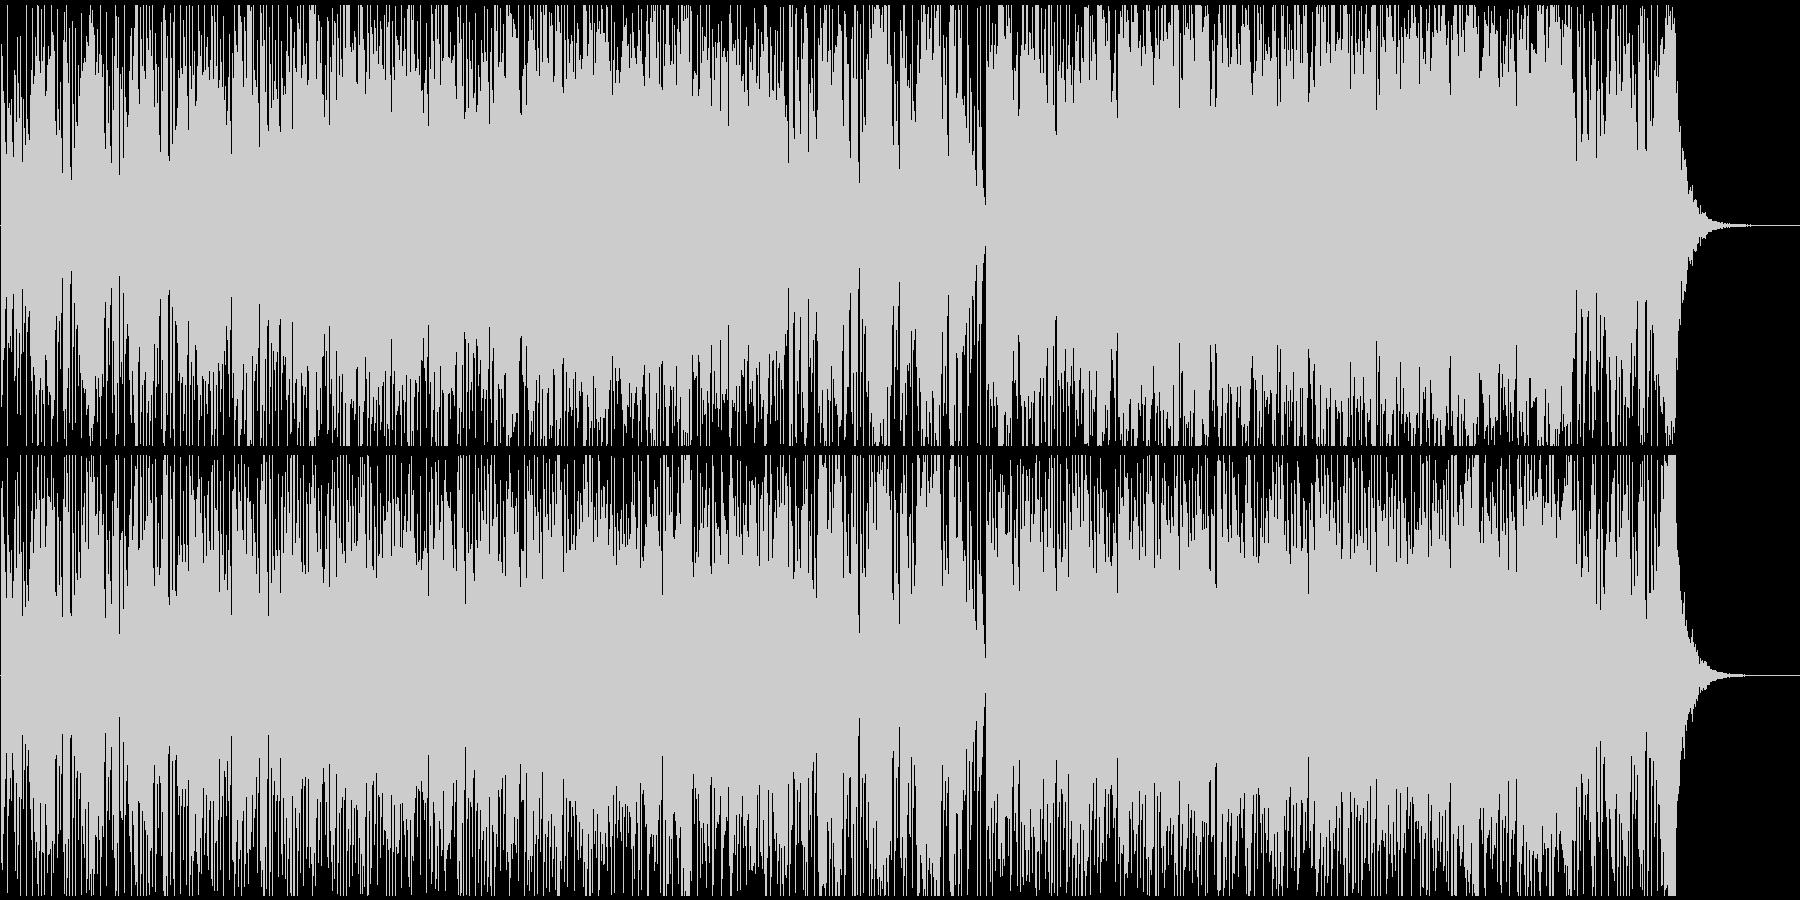 映像BGM優雅なクラシックとポップの融合の未再生の波形